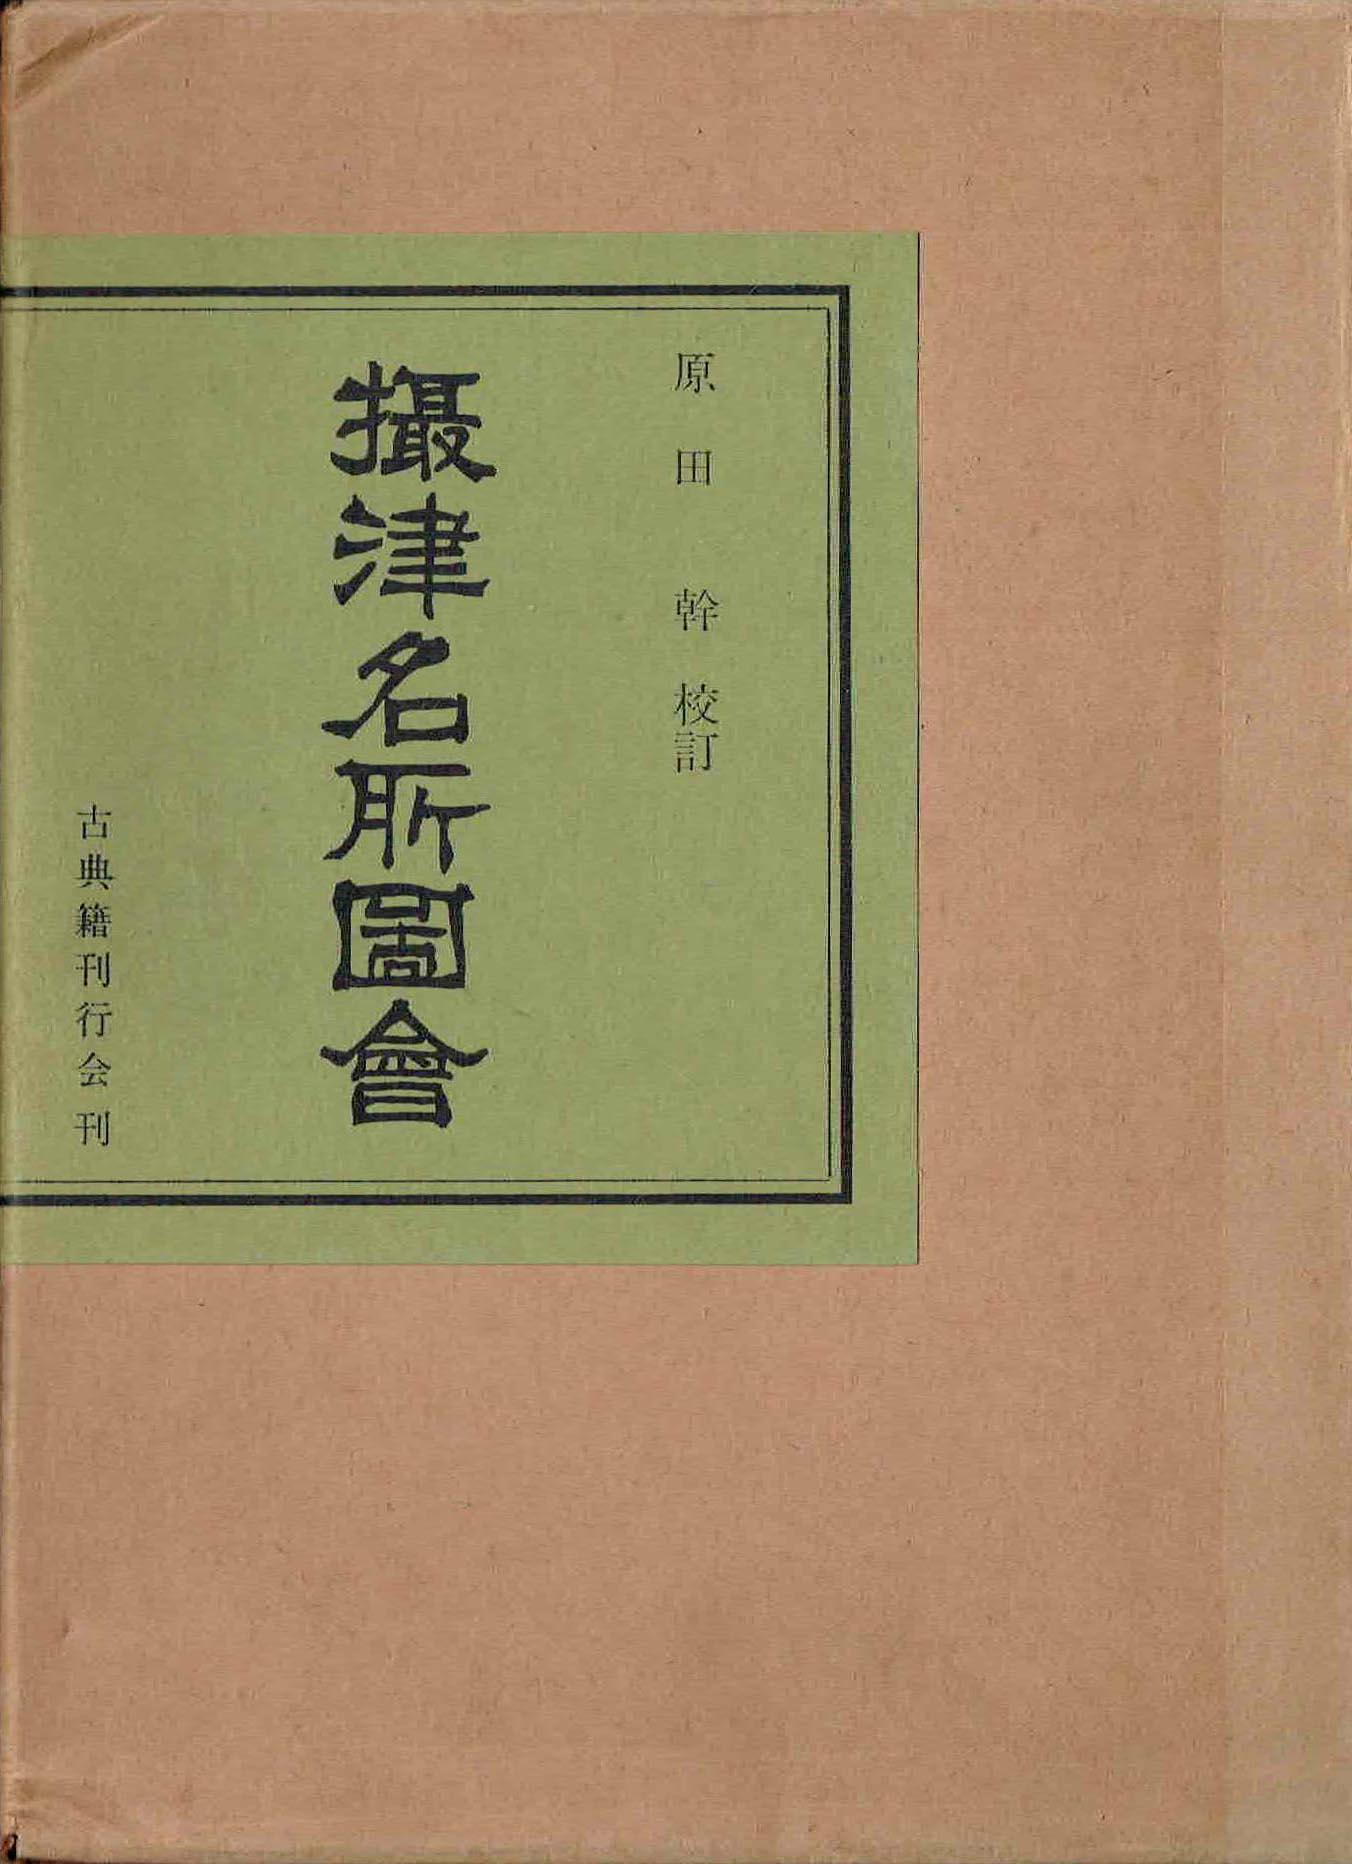 兵庫県の古書買取なら黒崎書店